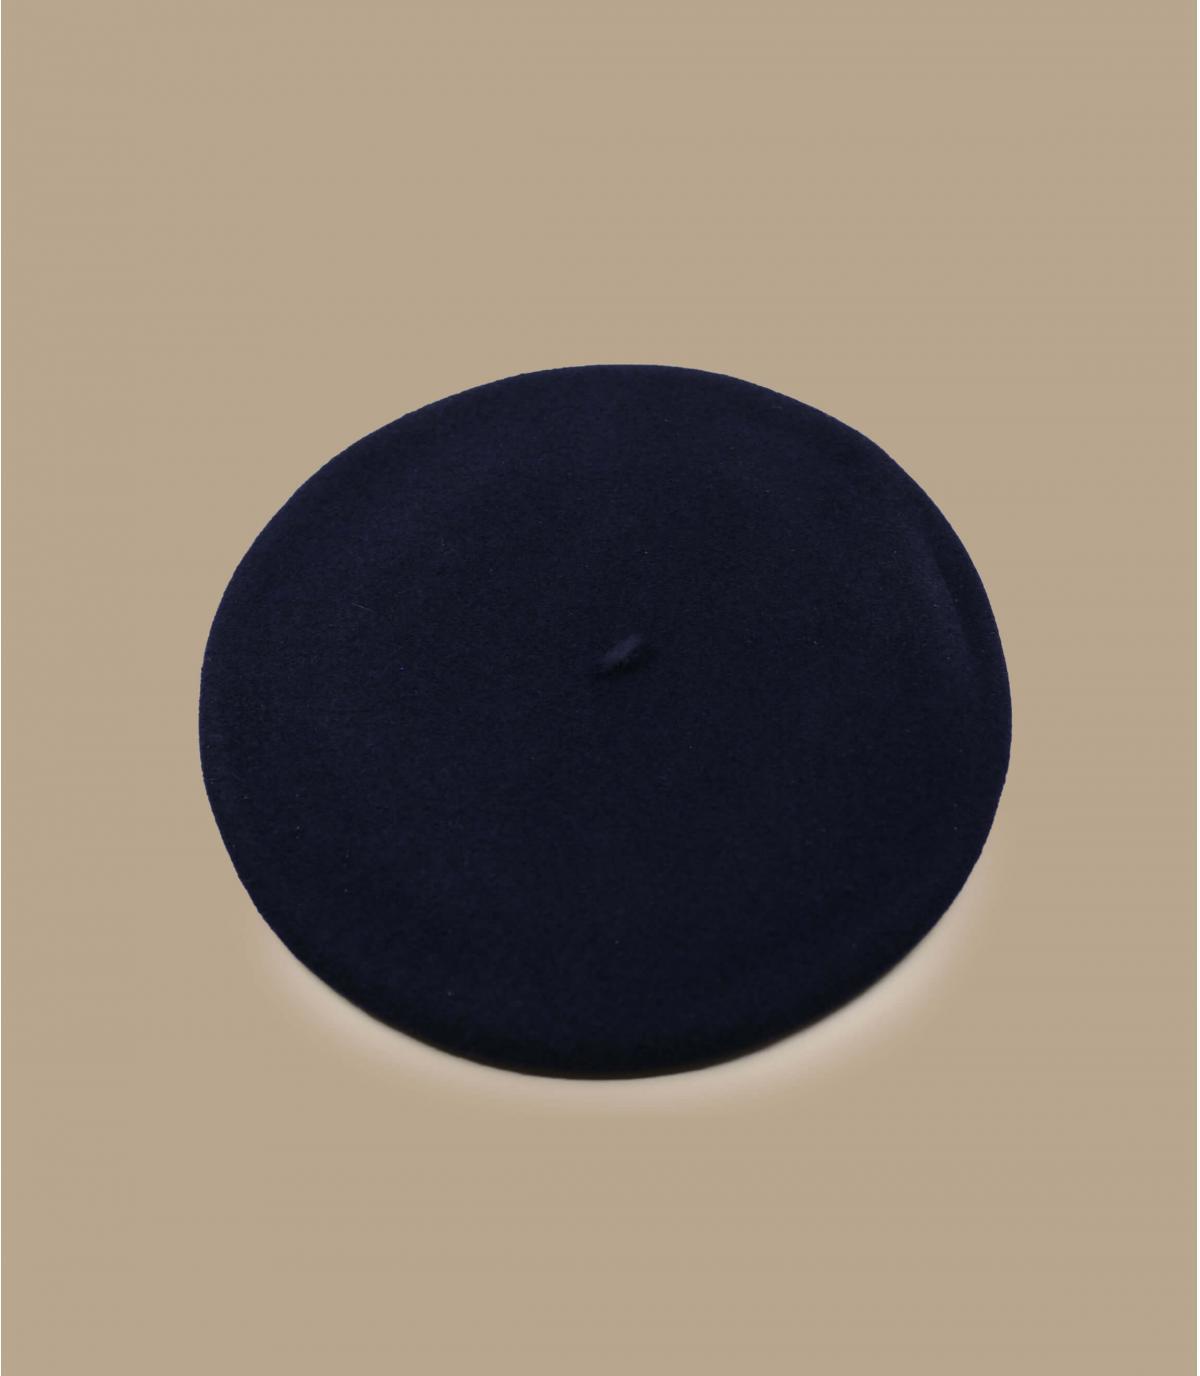 Détails L'authentique bleu nuit - image 2